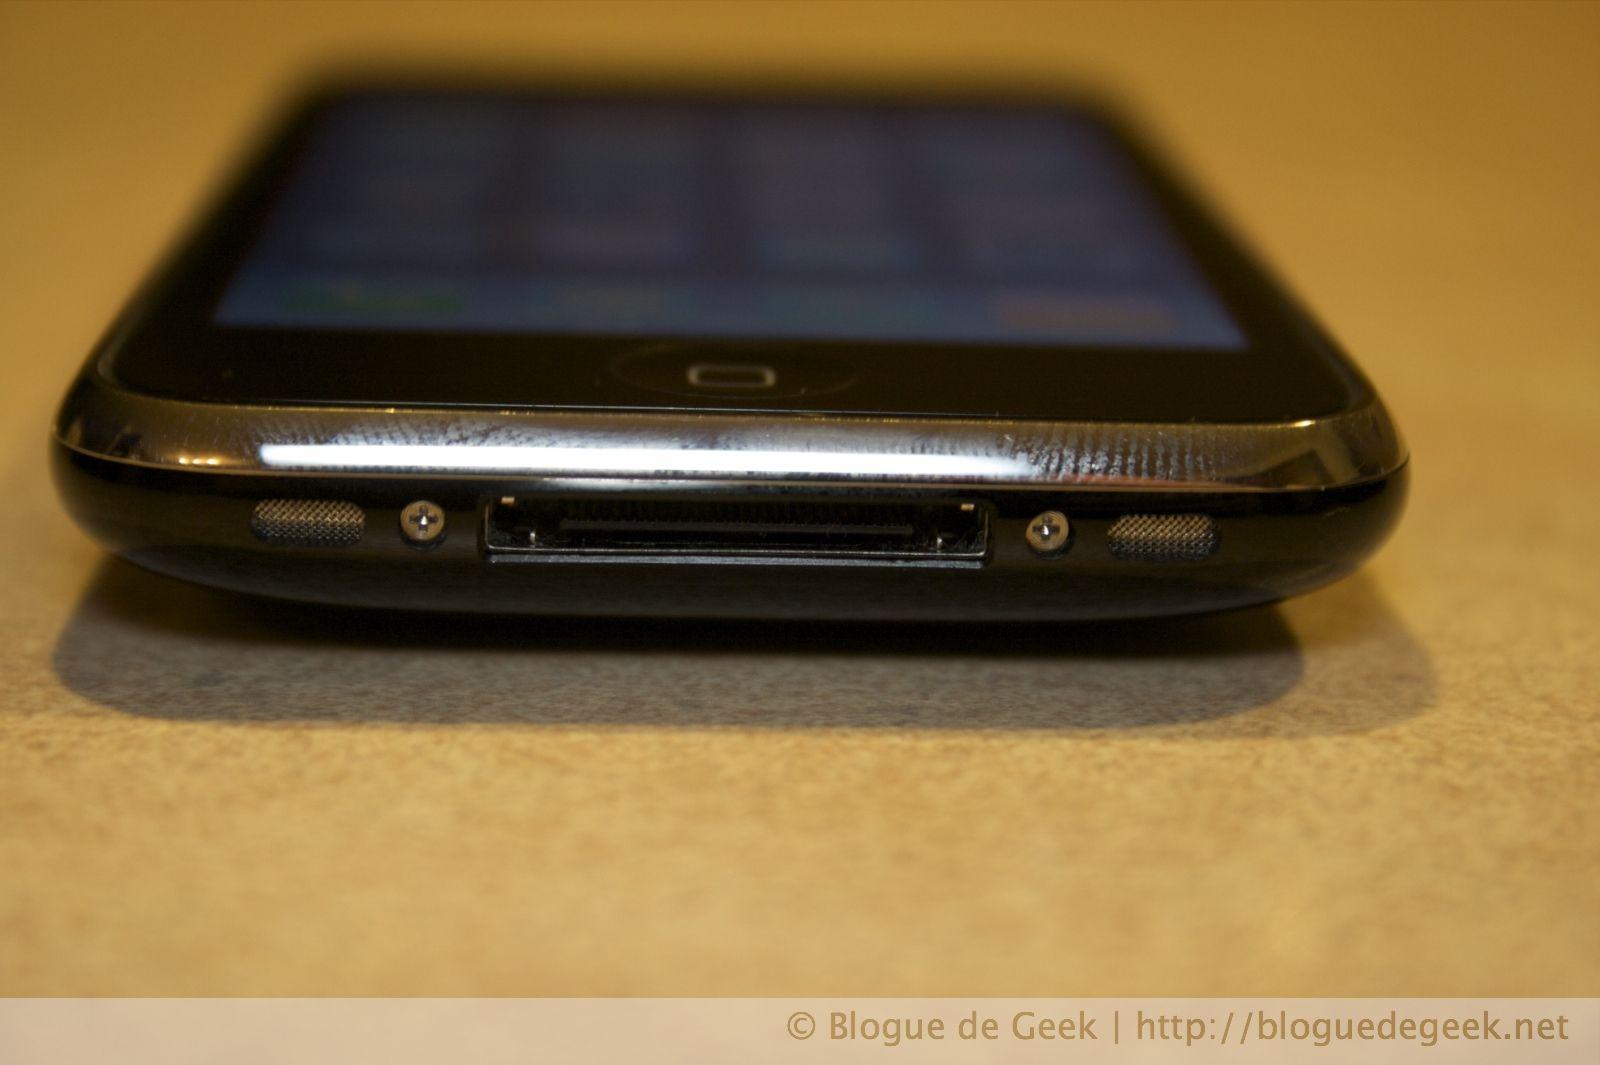 img 26082 - iPhone 3G avec Rogers au Canada [Évaluation]